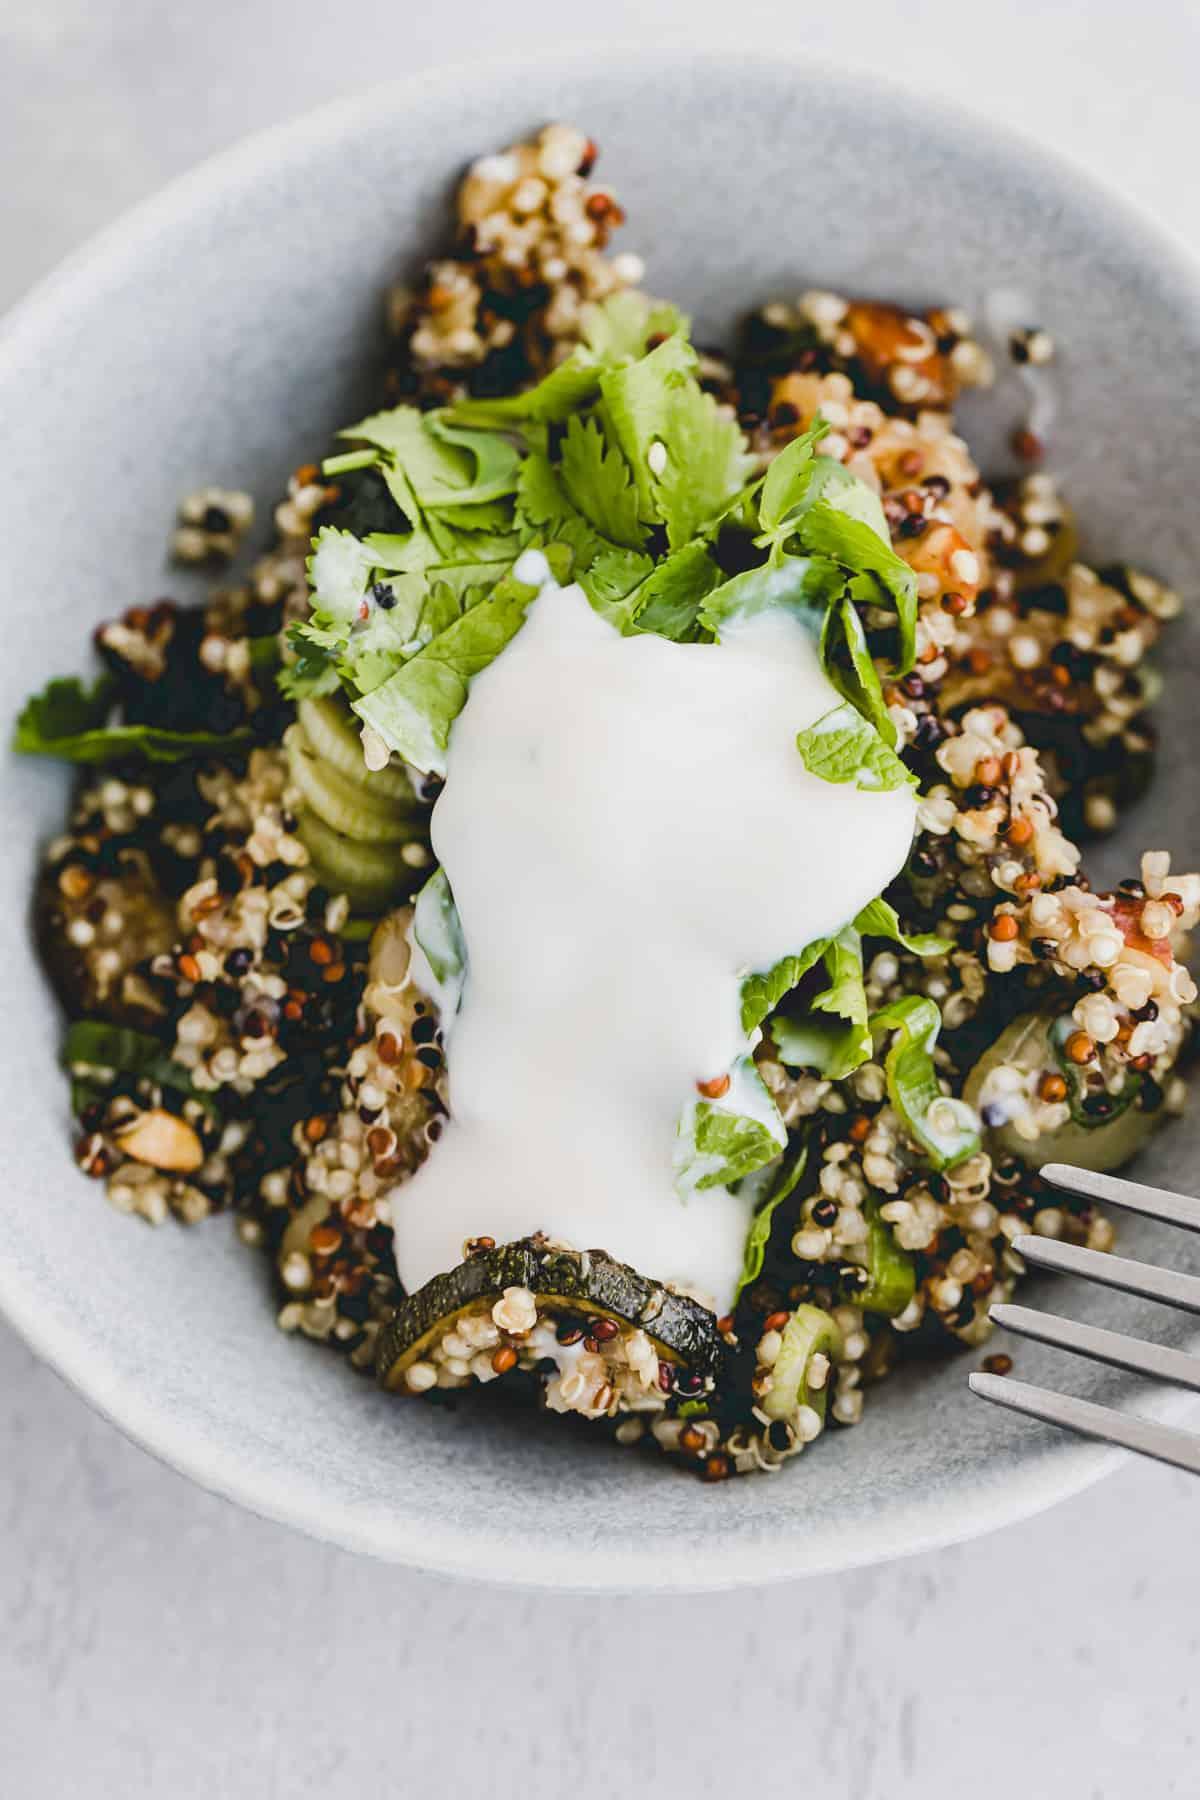 nahaufnahme von veganem quiona salat mit joghurt